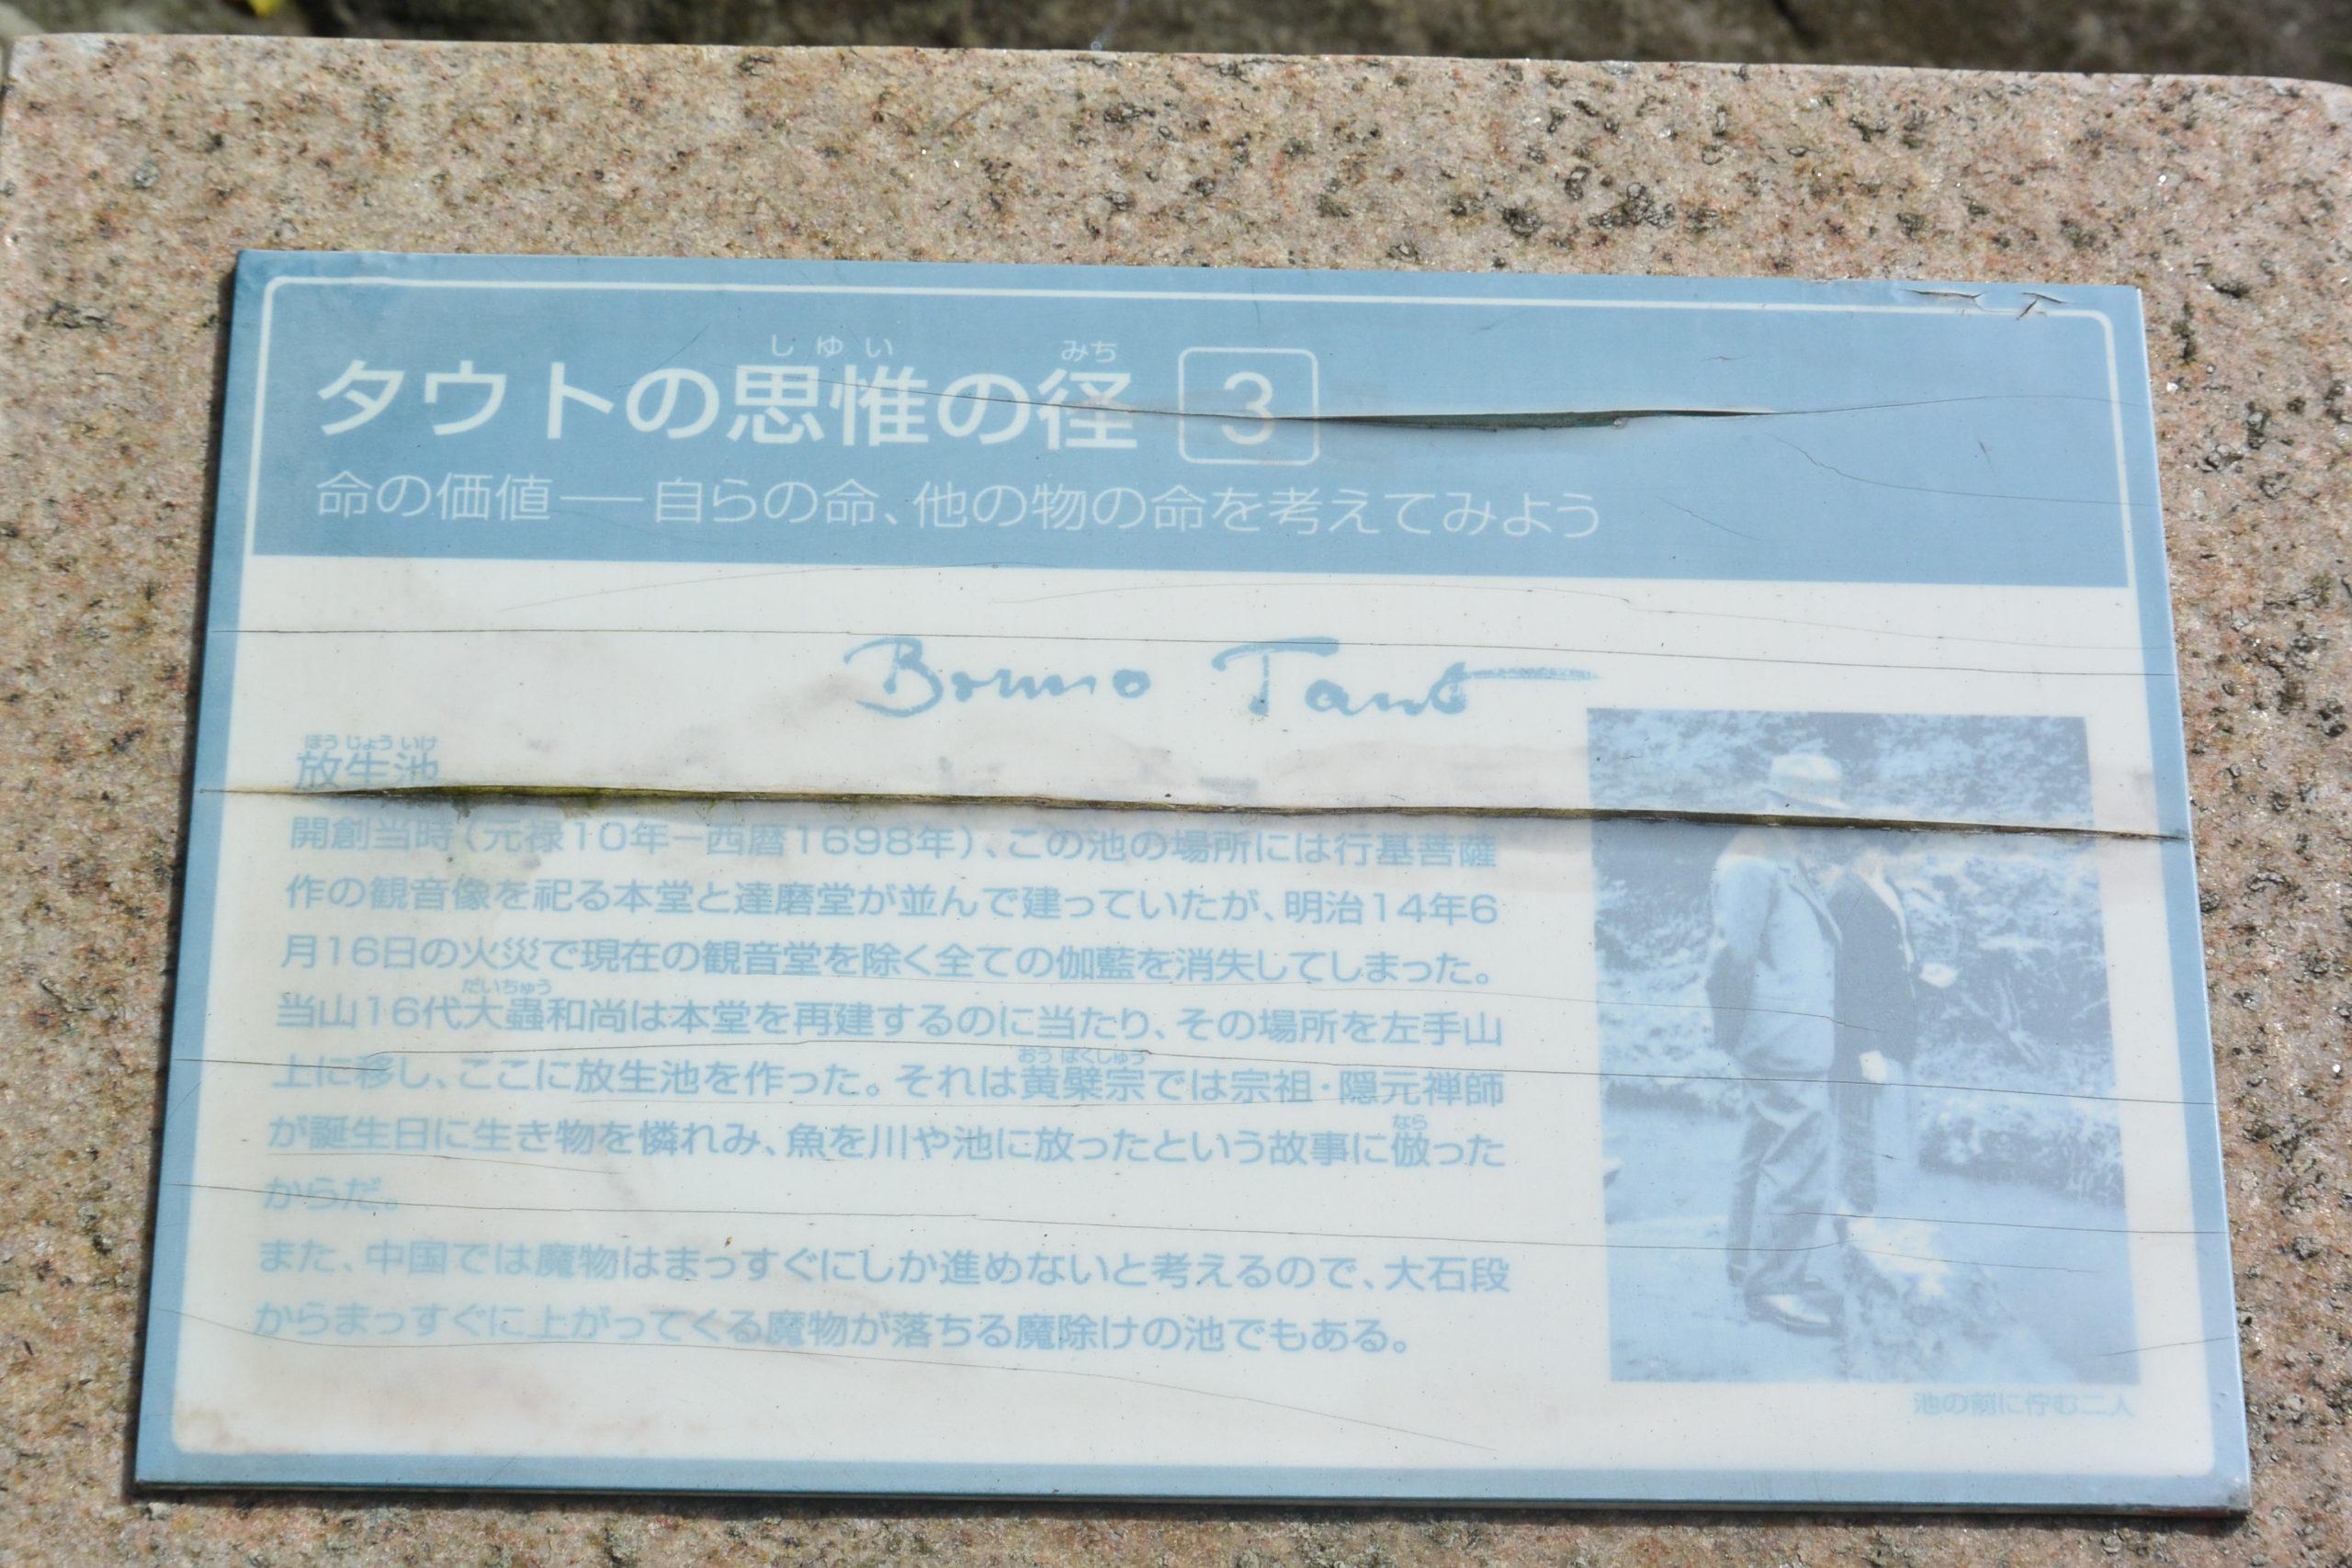 少林山達磨寺 ブルーノ・タウト